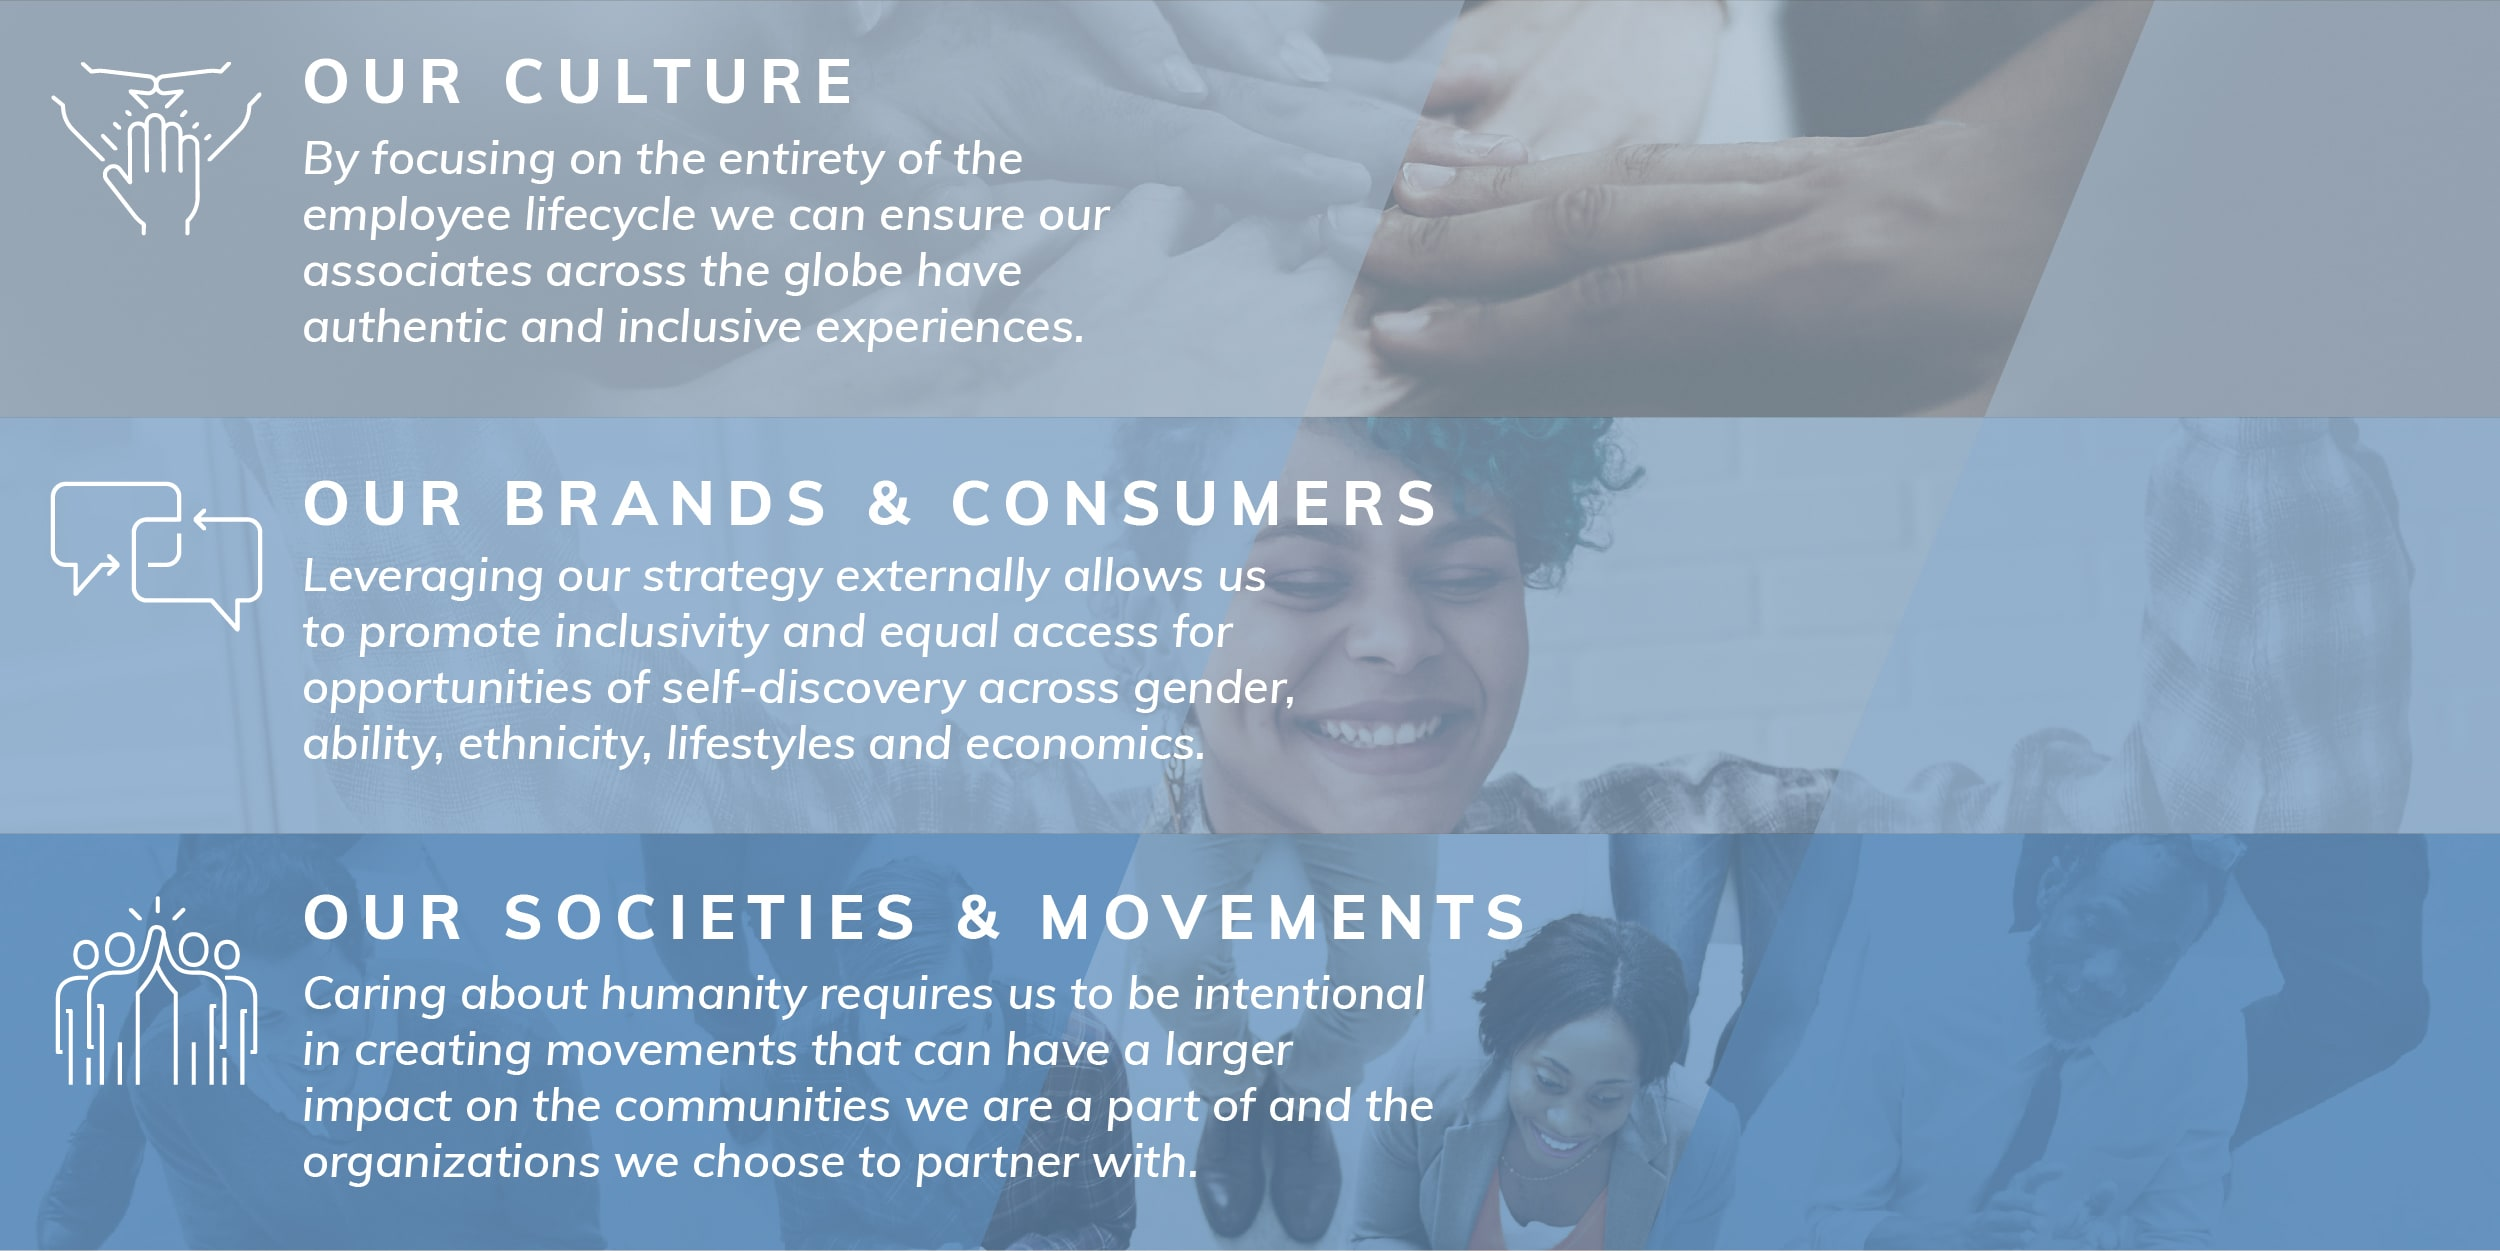 Our Strategic Priorities